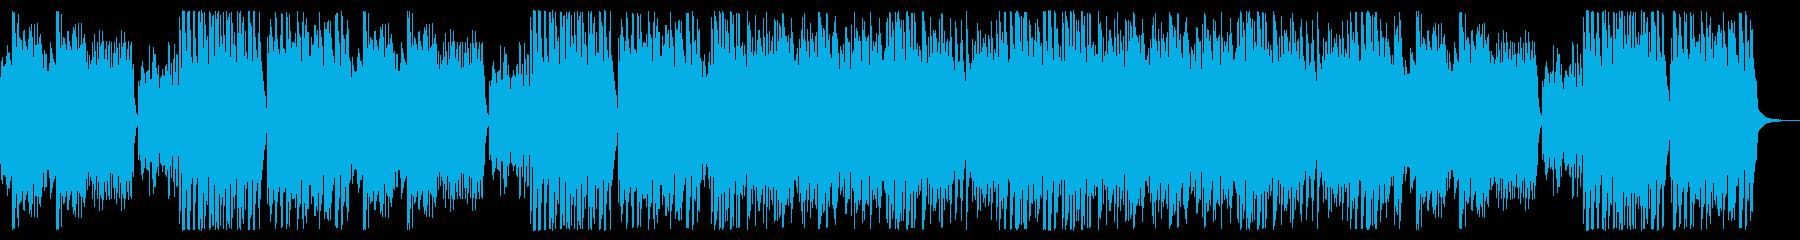 【ピアノ】 メイプルリーフラグ_カバーの再生済みの波形